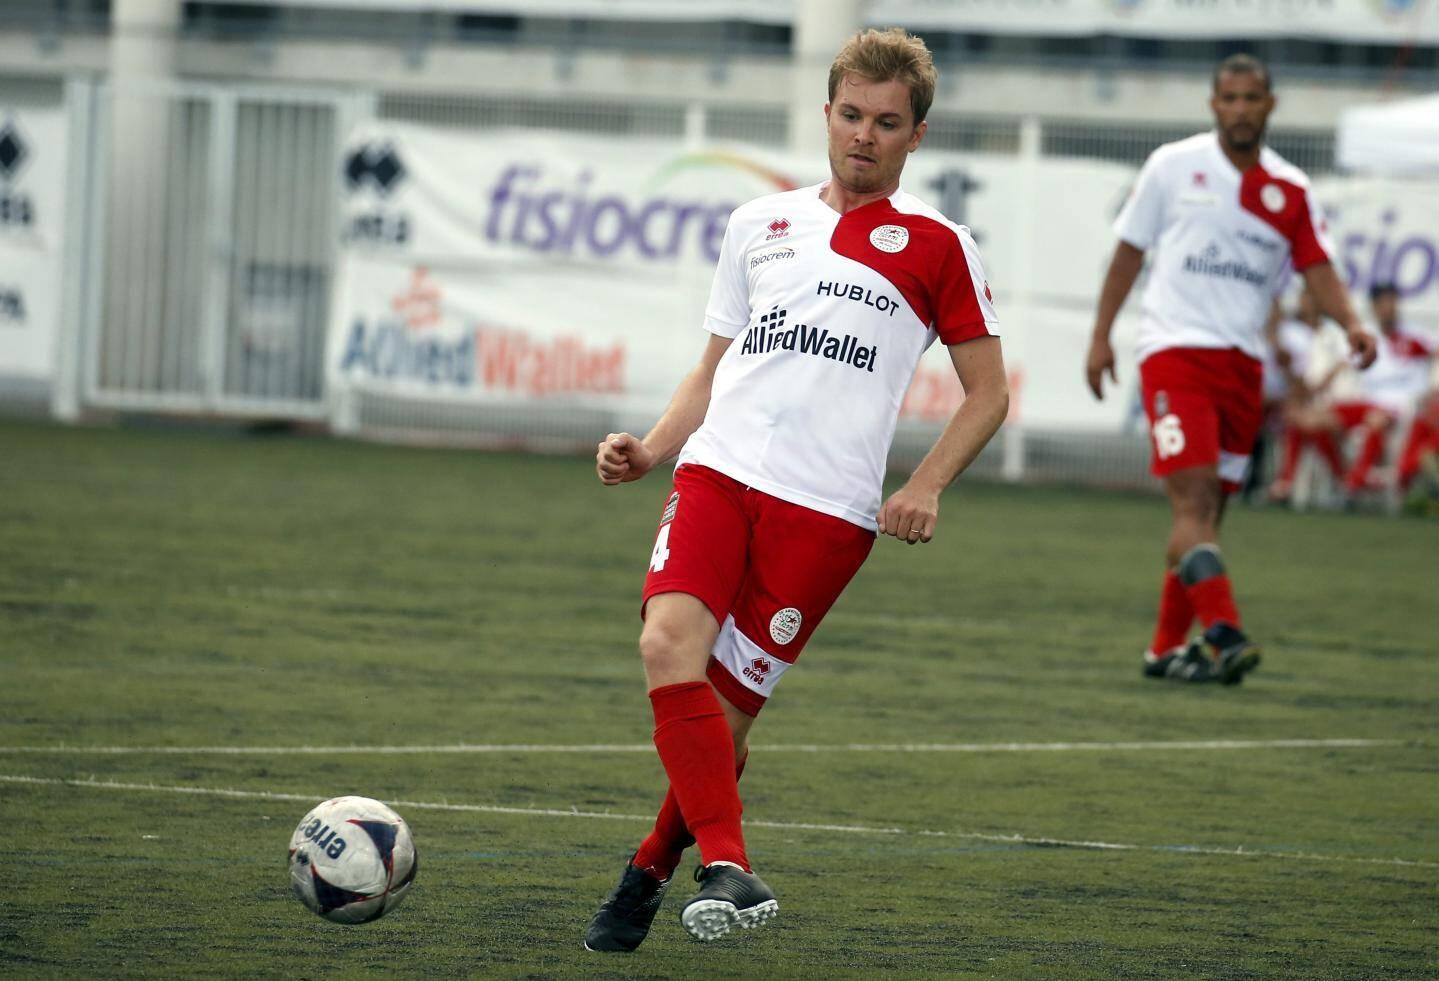 Nico Robserg